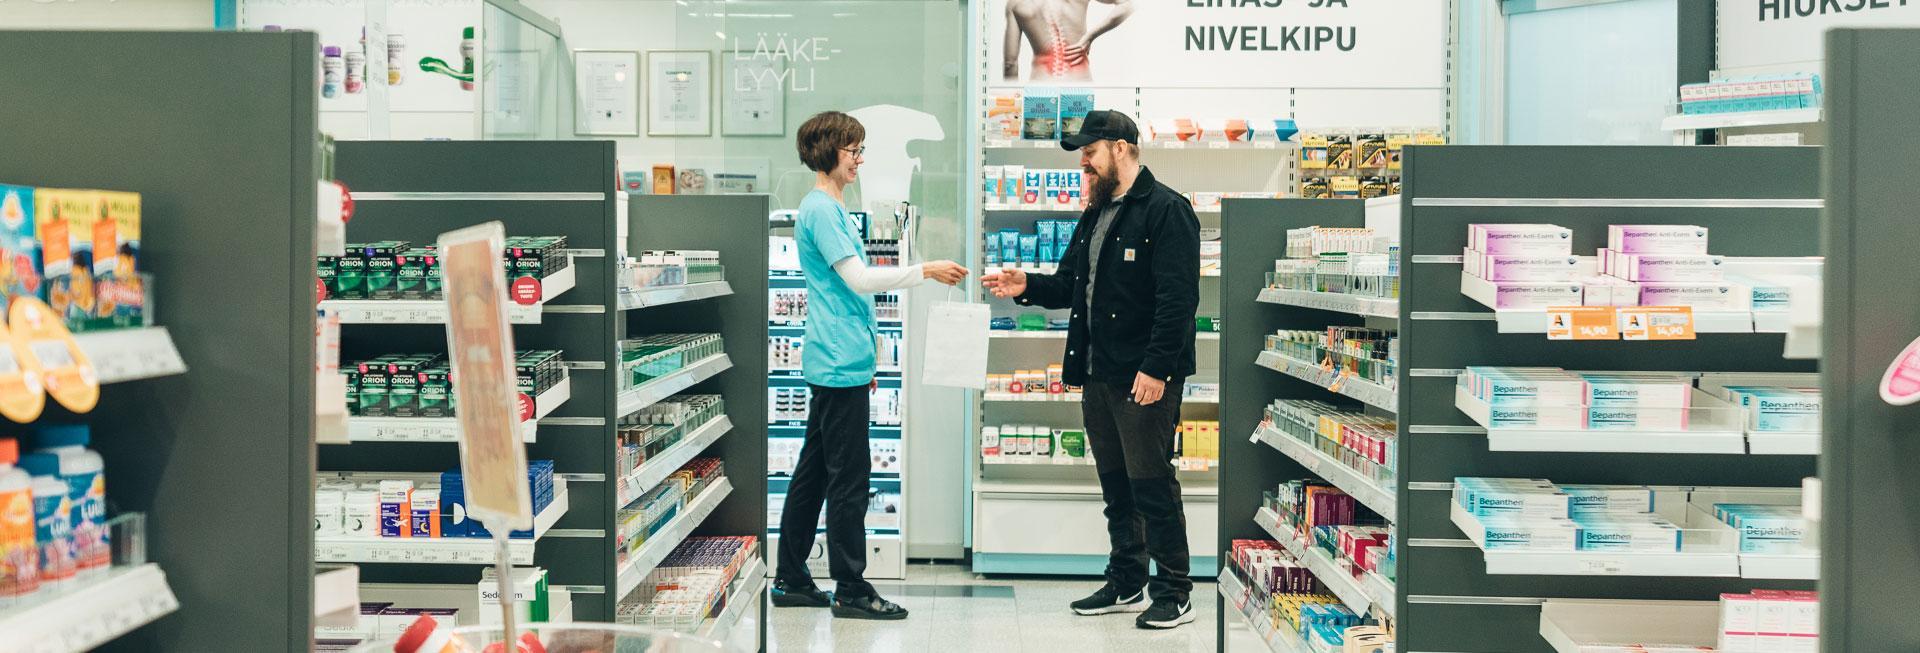 Mies asioi apteekissa.